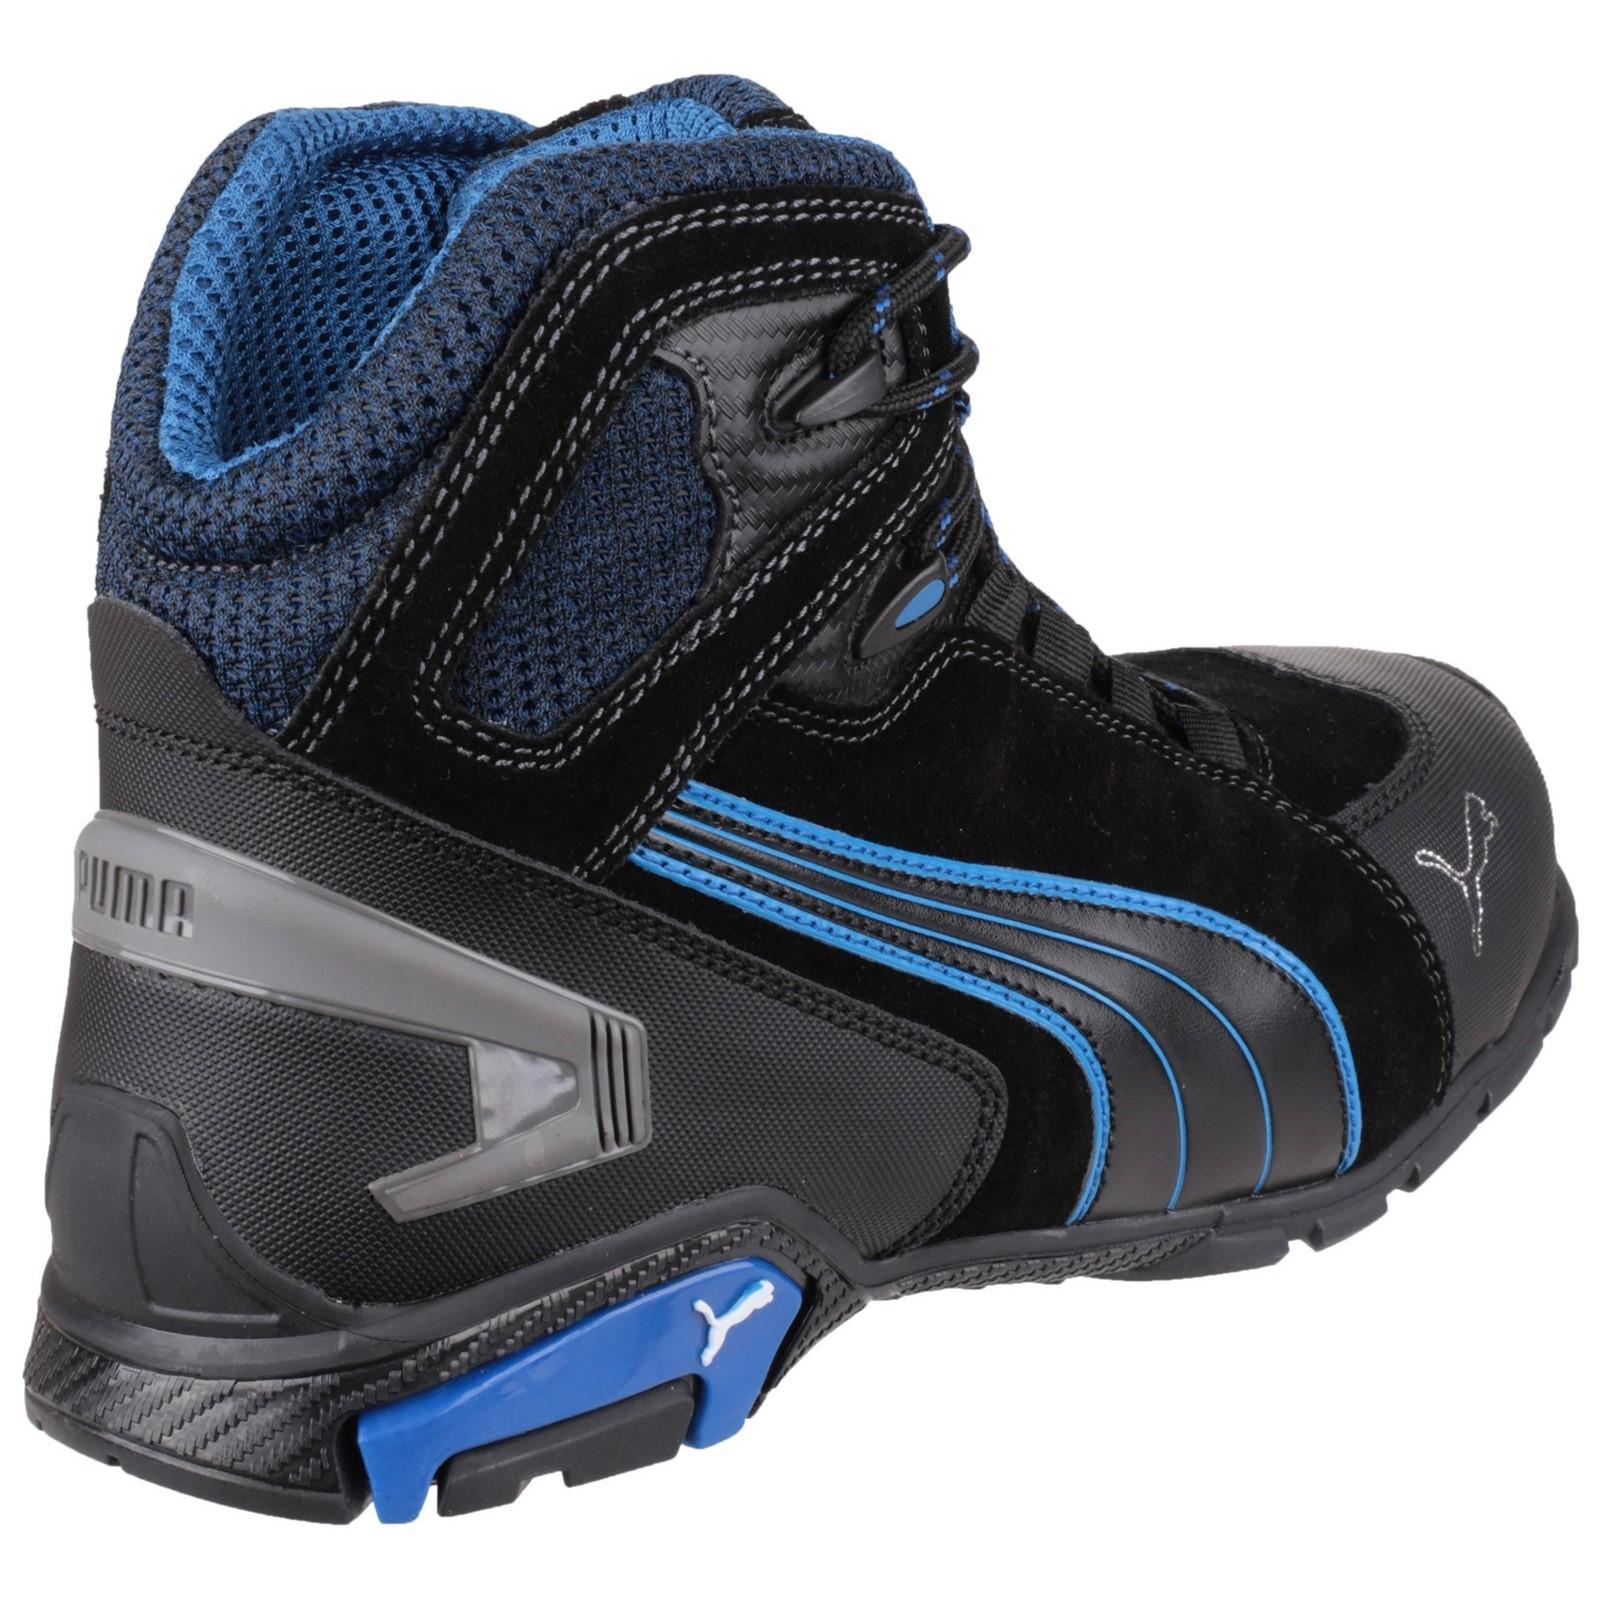 PUMA RIO NOIR Mid S3 Src Chaussures de Sécurité Gr. 39 47 63.225.0